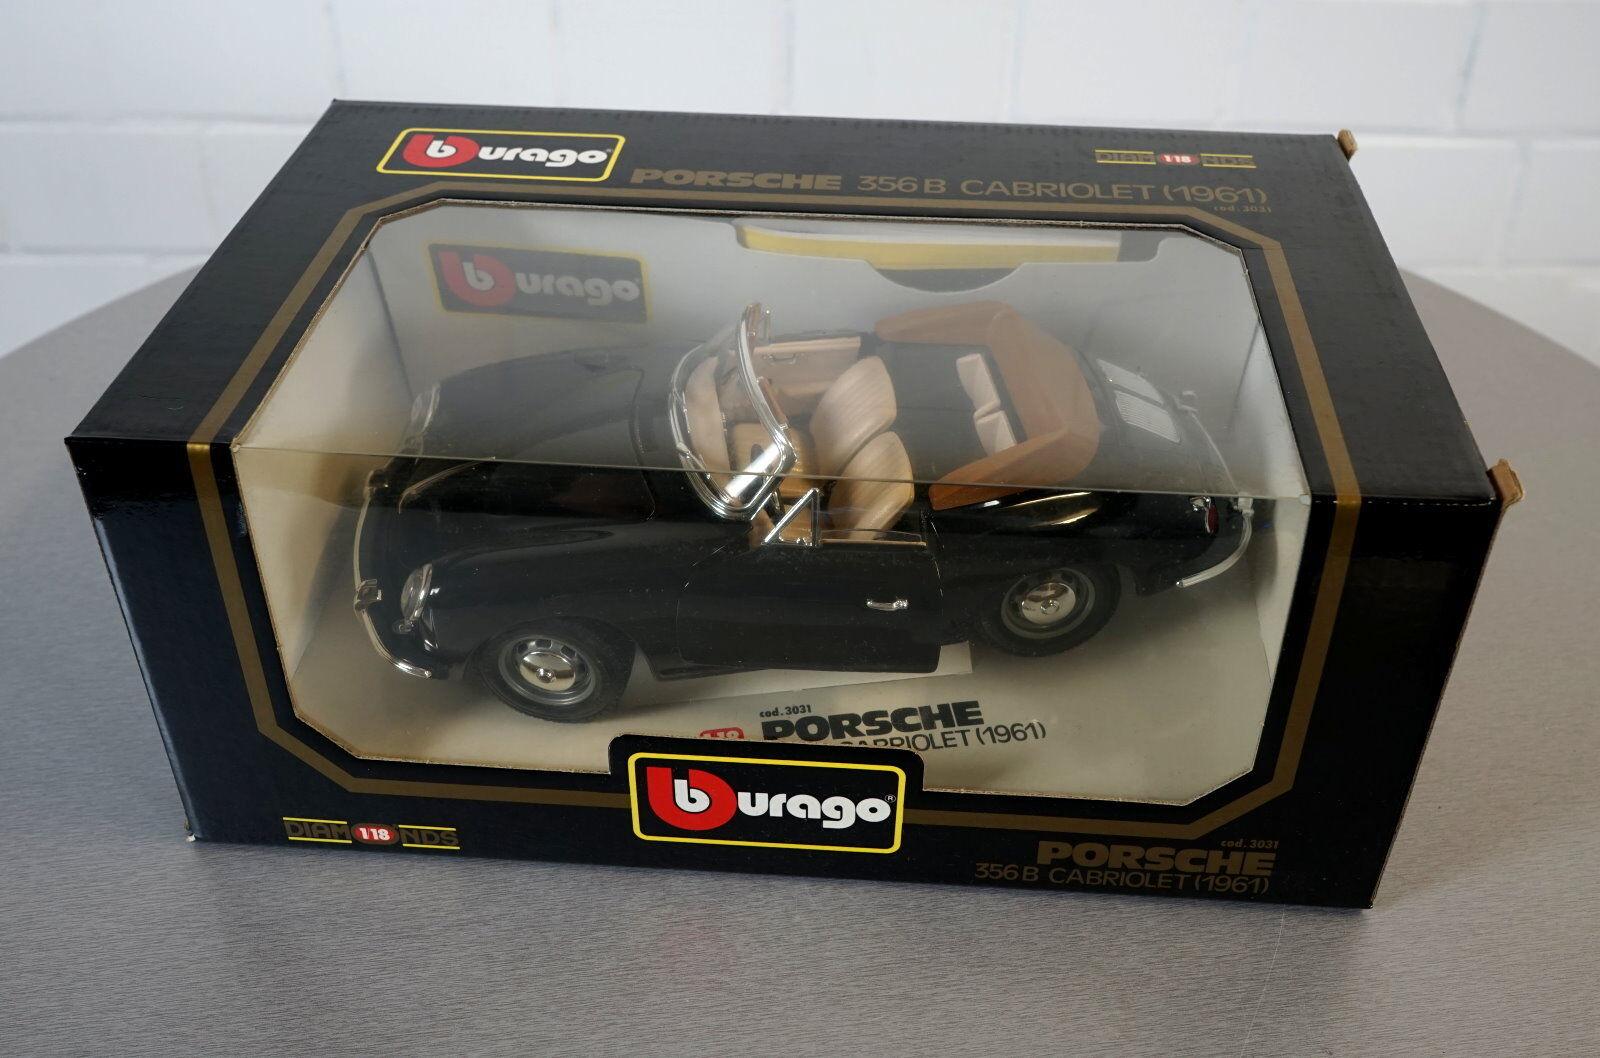 Burago 1   18 porsche 356 b cabriolet (1961) - 3031 - druckguss - skala der modell - auto - ovp